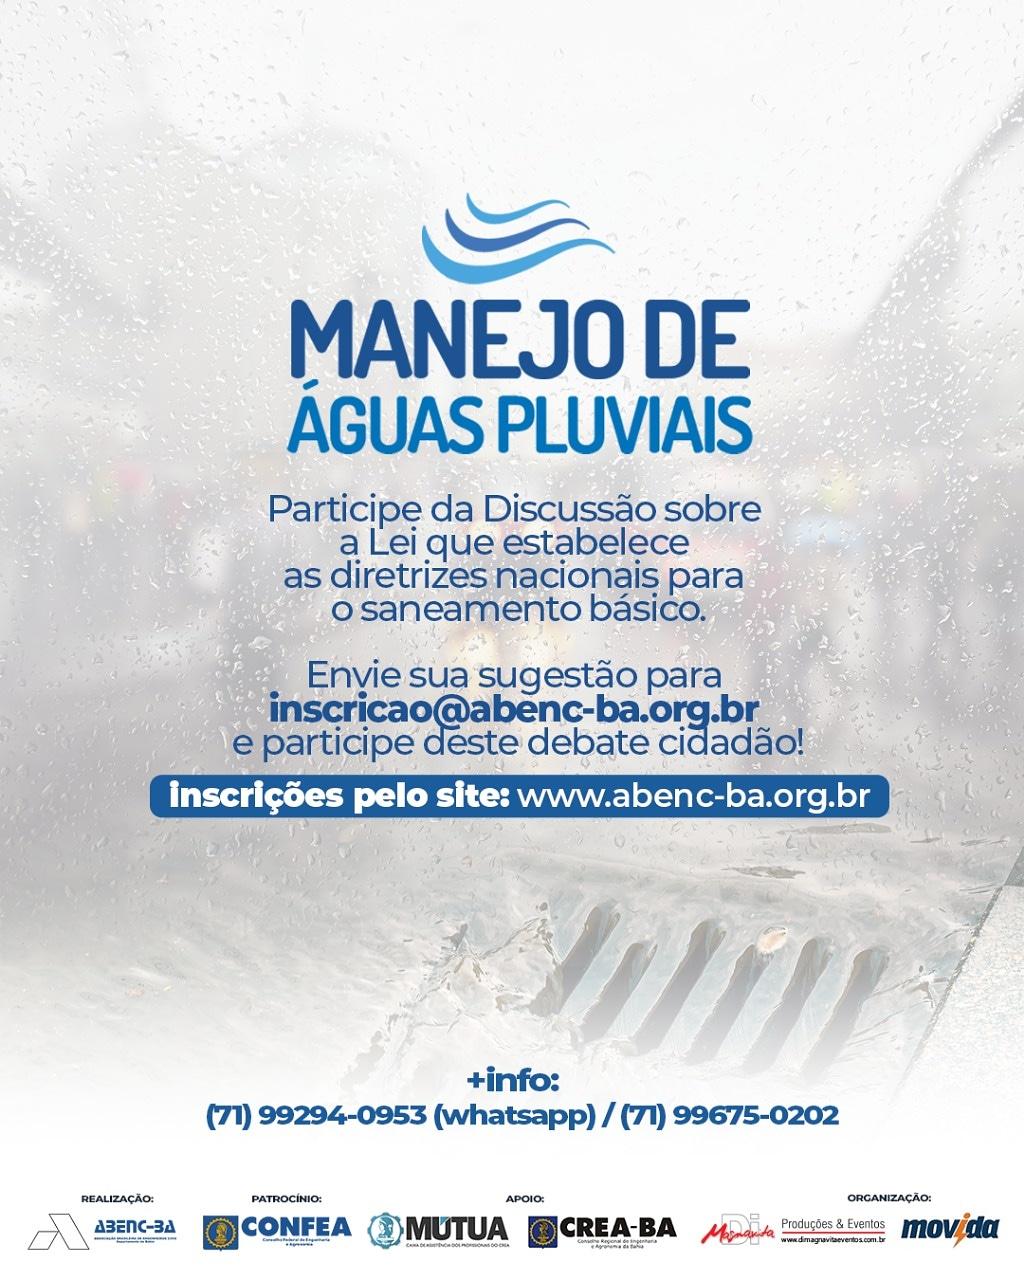 Abenc promove Debate sobre Manejo de Águas Pluviais Sustentáveis